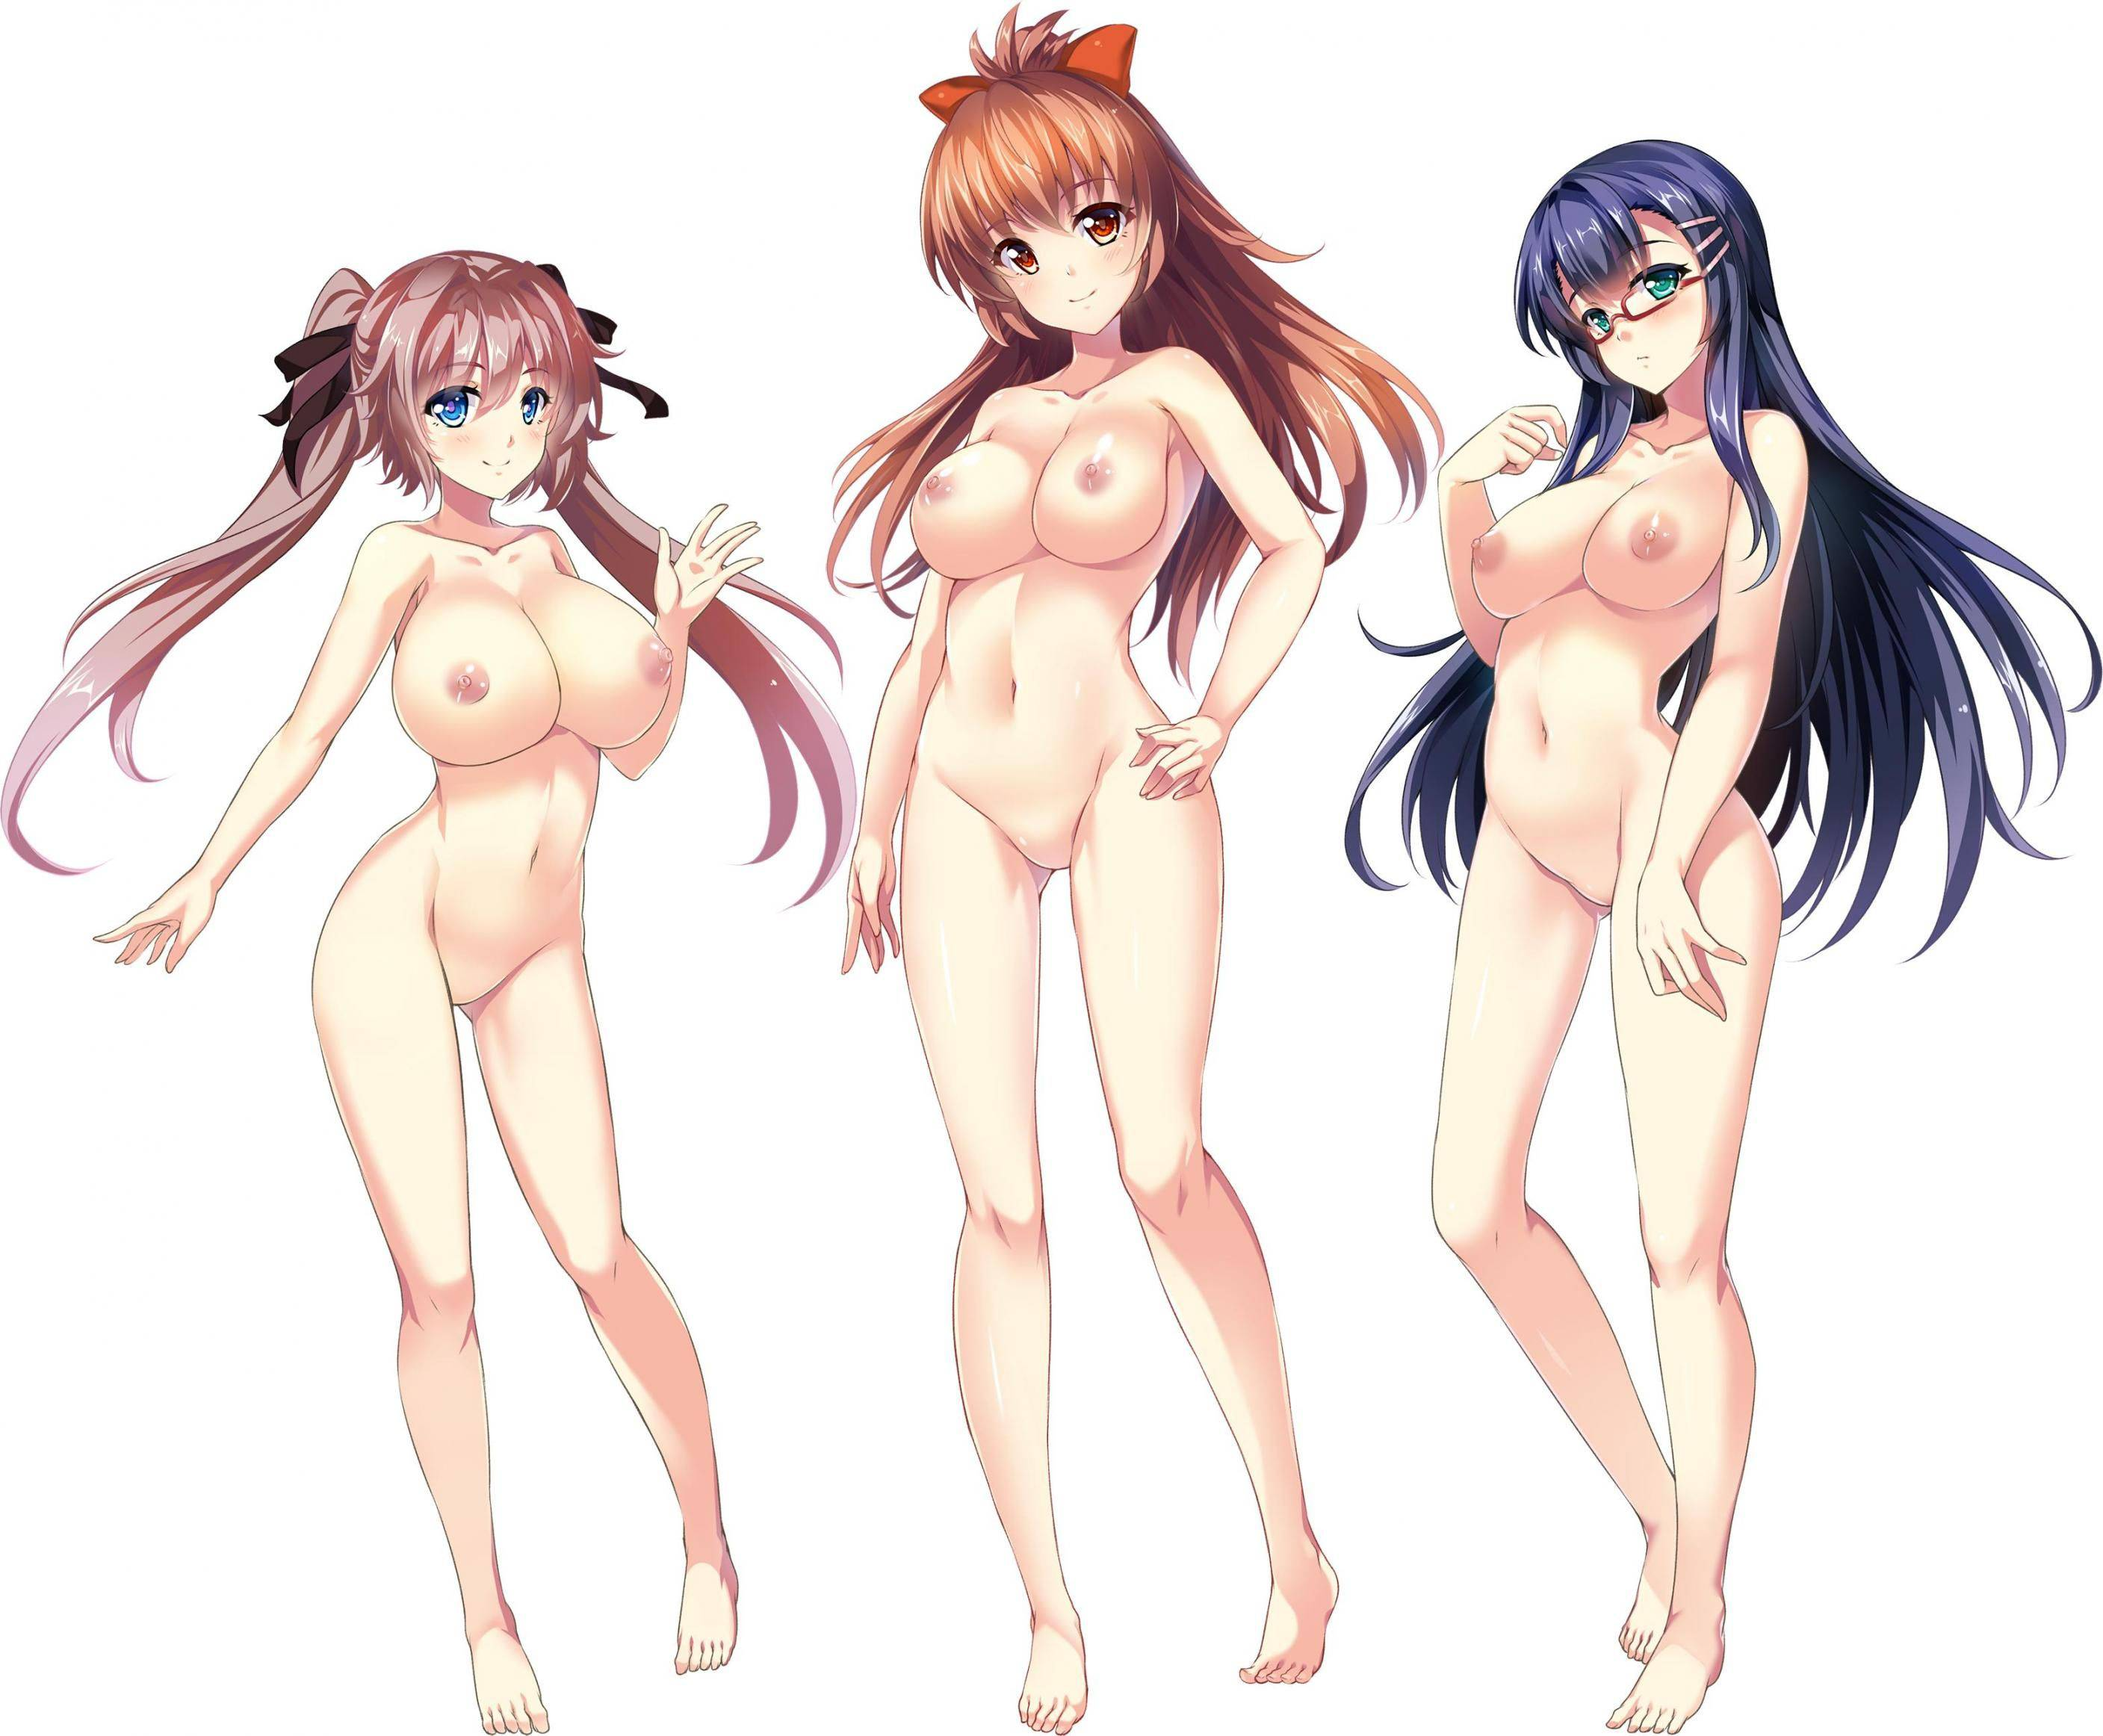 【どれにしようかな?】女の子達が全裸で立ってる二次エロ画像【9】